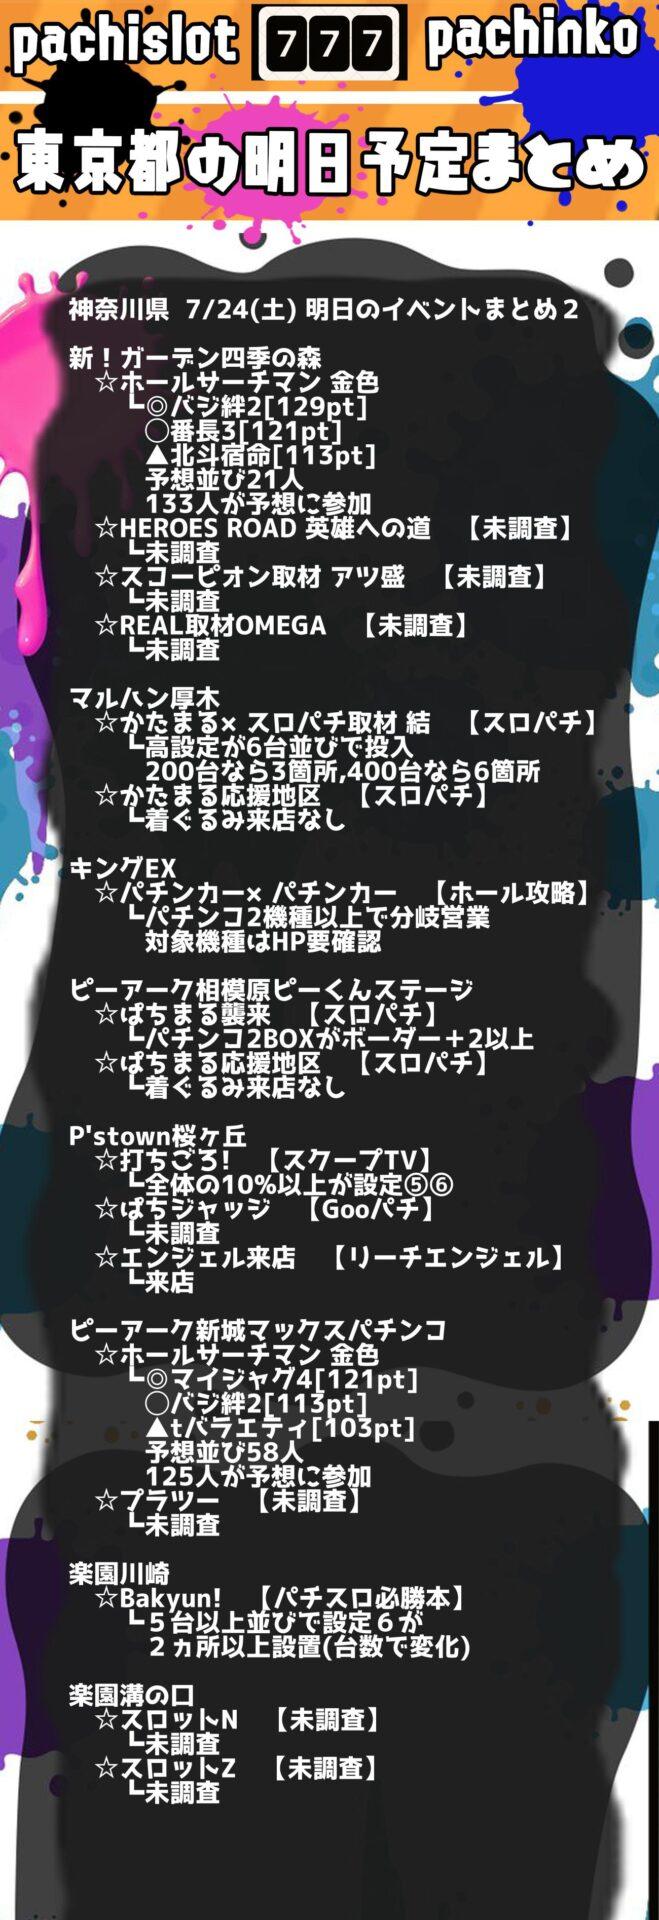 神奈川県_2021-07-24_パチンコ・パチスロ_イベント